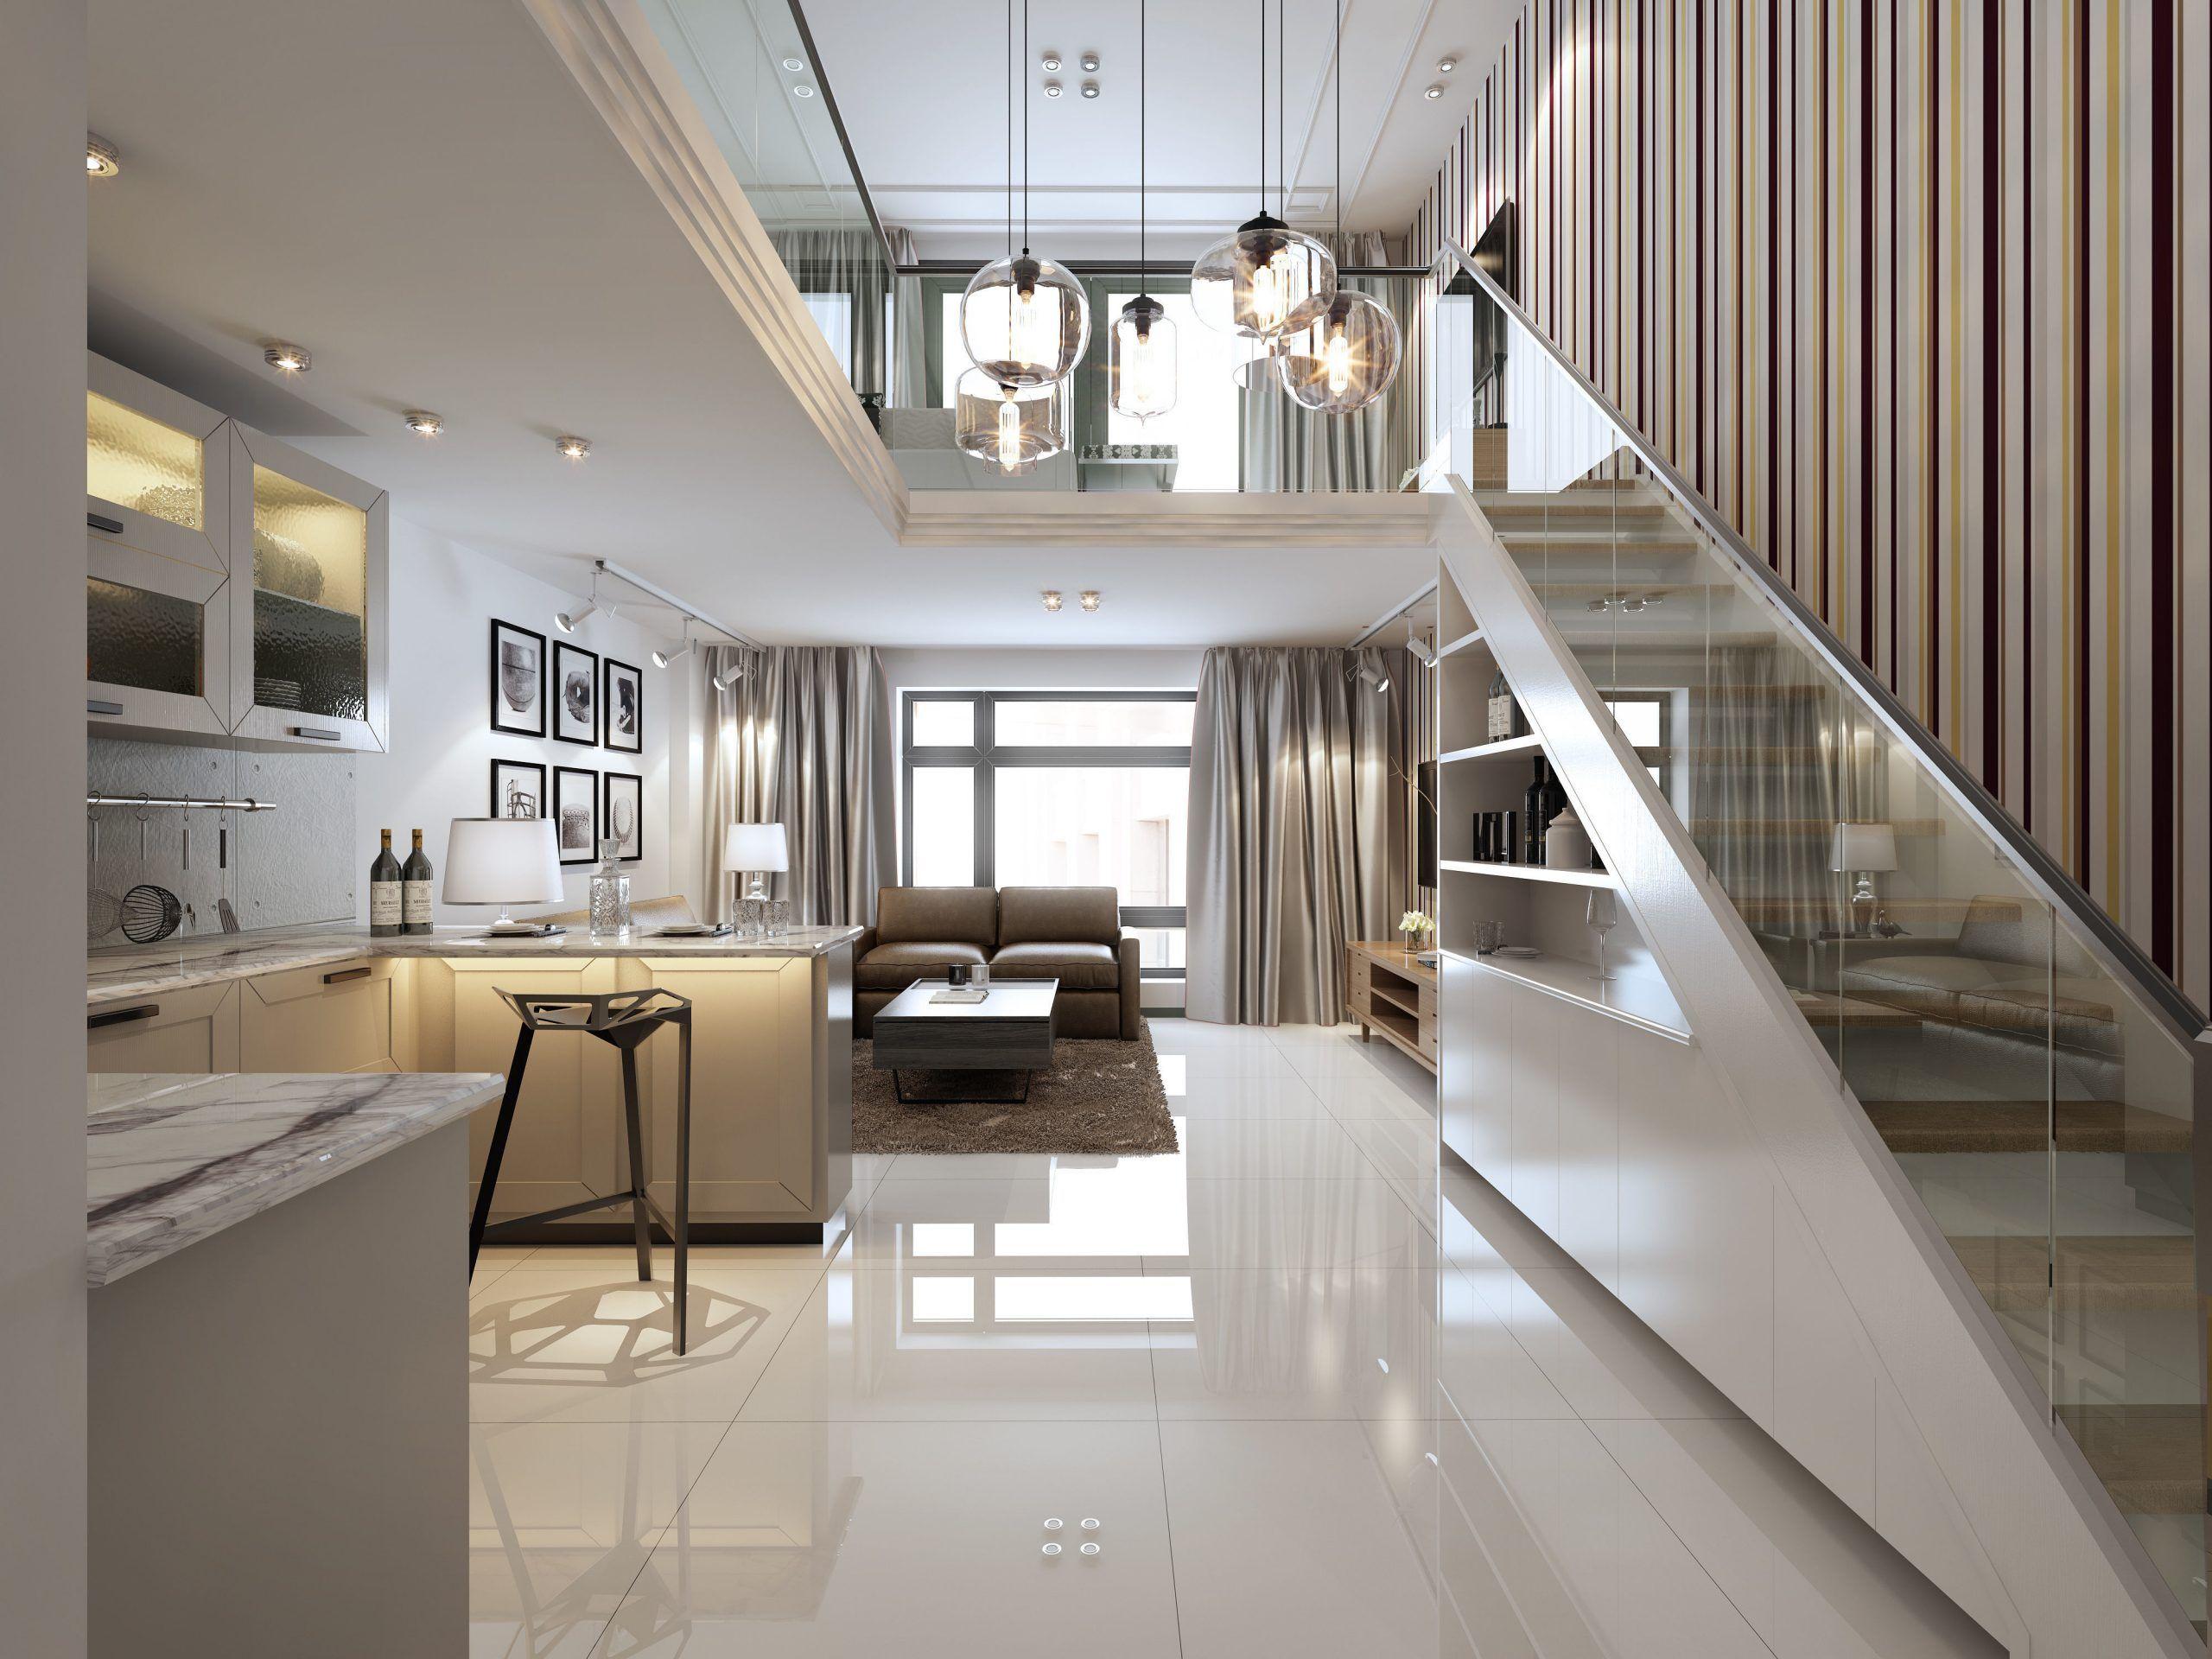 Modern European Living Room Design in 2020 | Living room ...